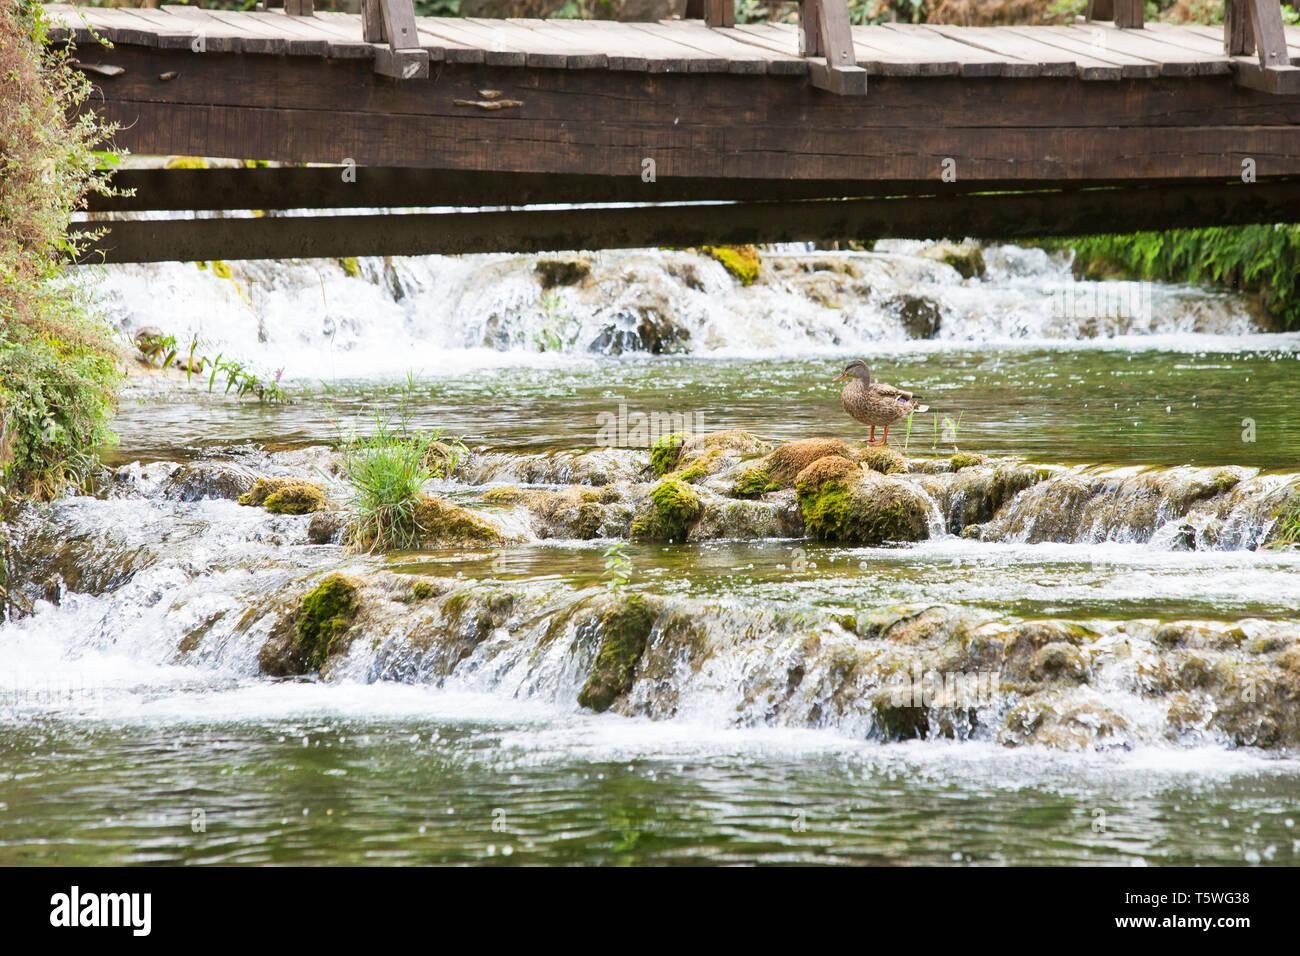 Krka, Sibenik, Kroatien, Europa - eine Ente auf einem Stein mit einigen Fluss Kaskaden Stockfoto